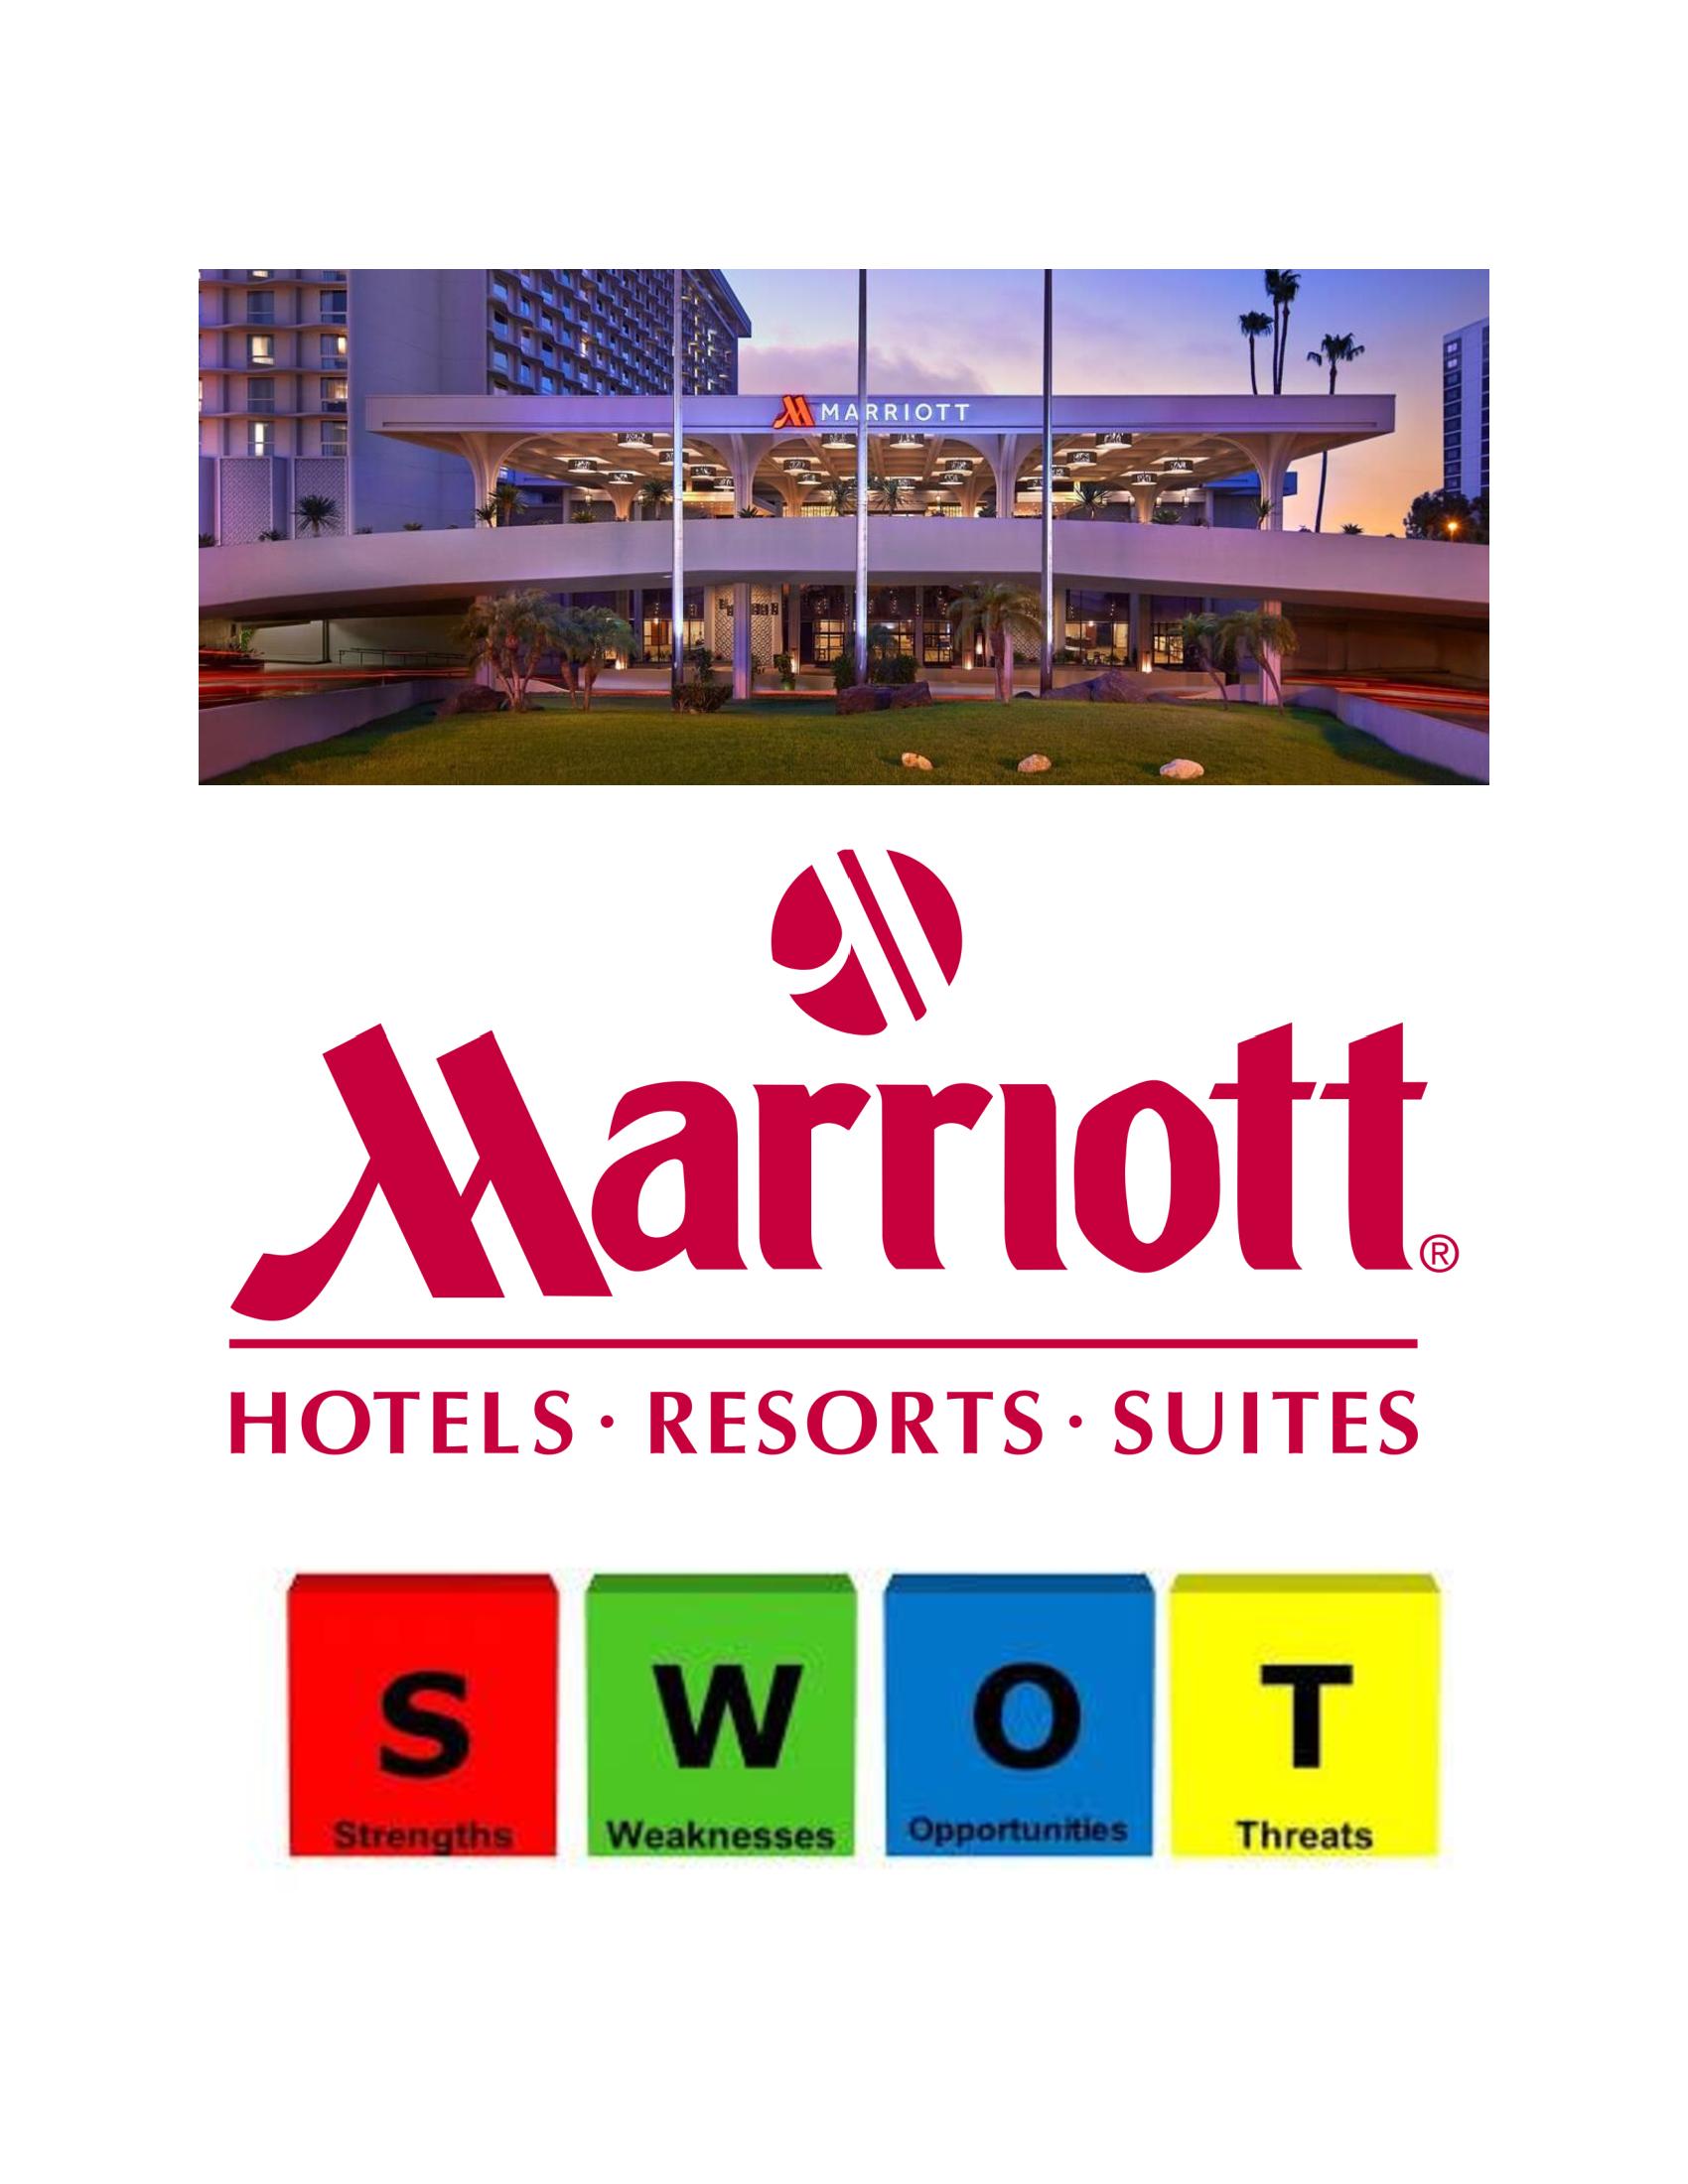 SWOT Analysis of Marriott